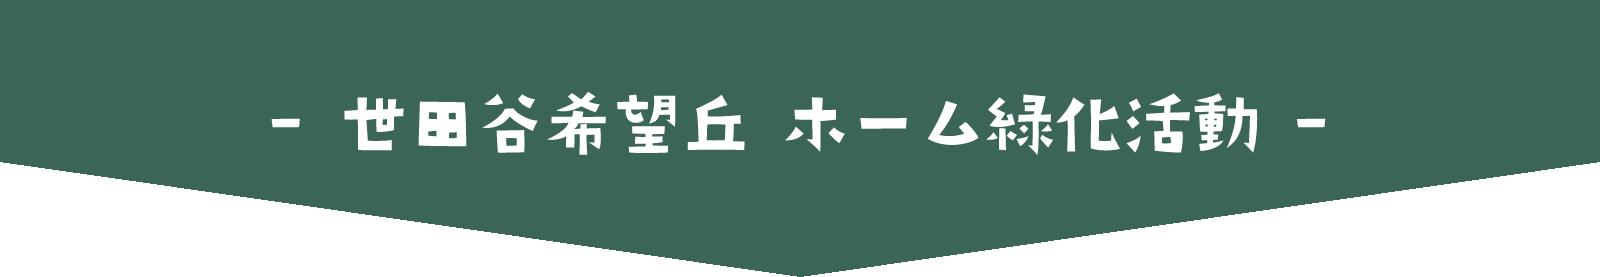 世田谷希望丘 ホーム緑化活動